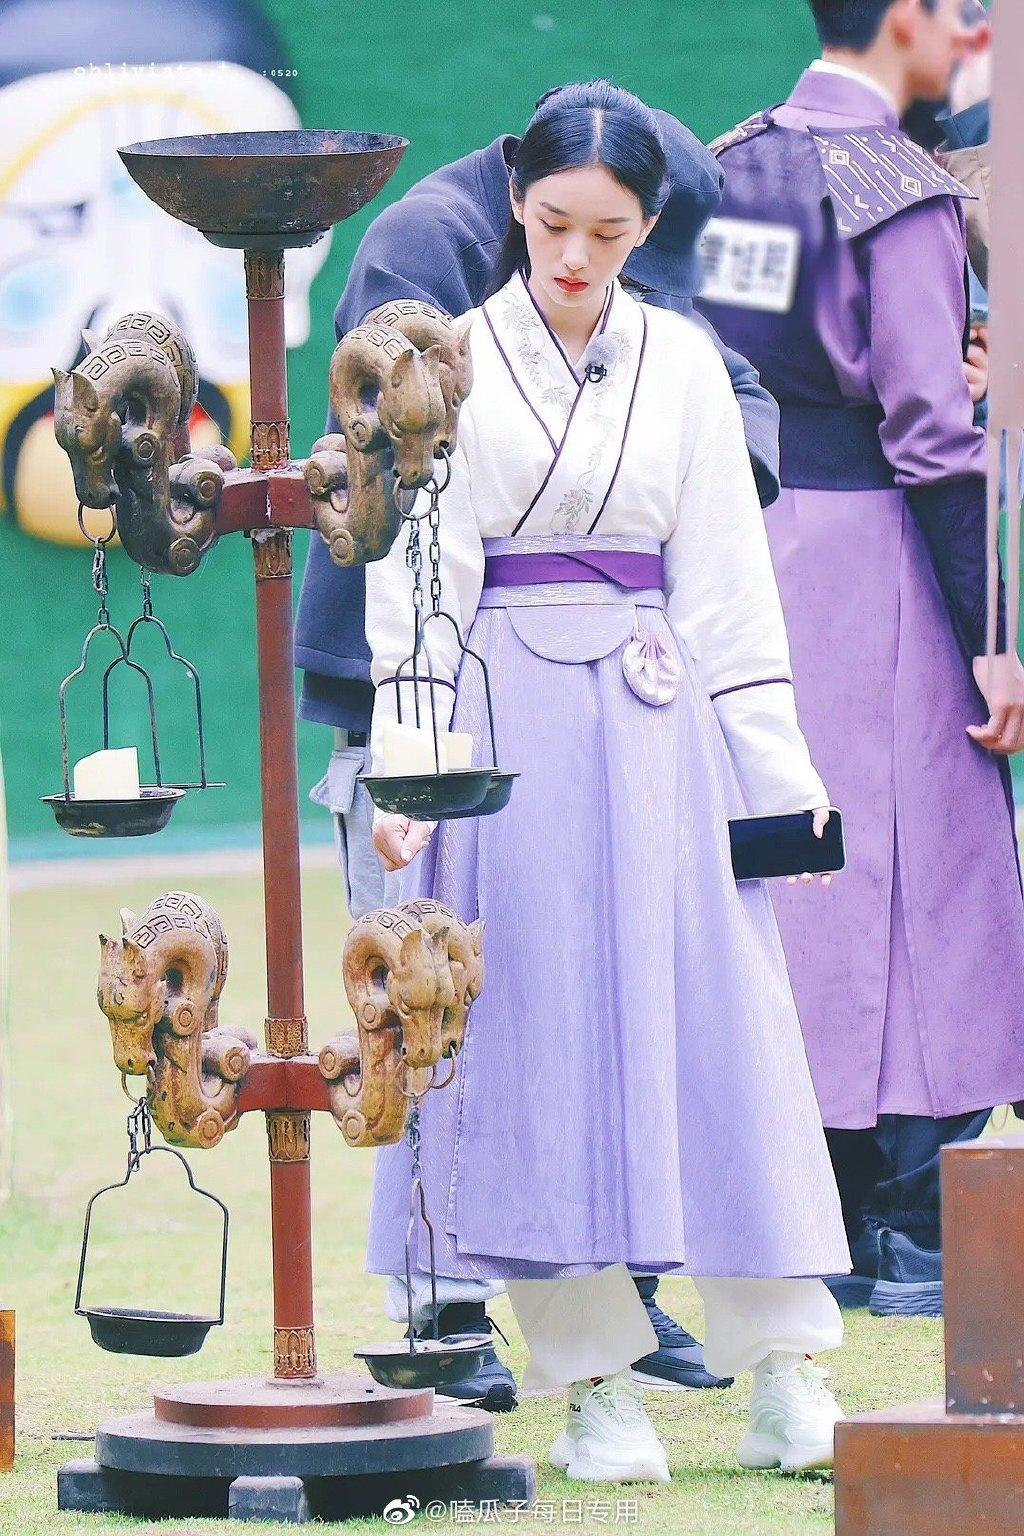 Châu Dã gần đây được yêu thích với vai nữ phụ trong phim Sơn hà lệnh.